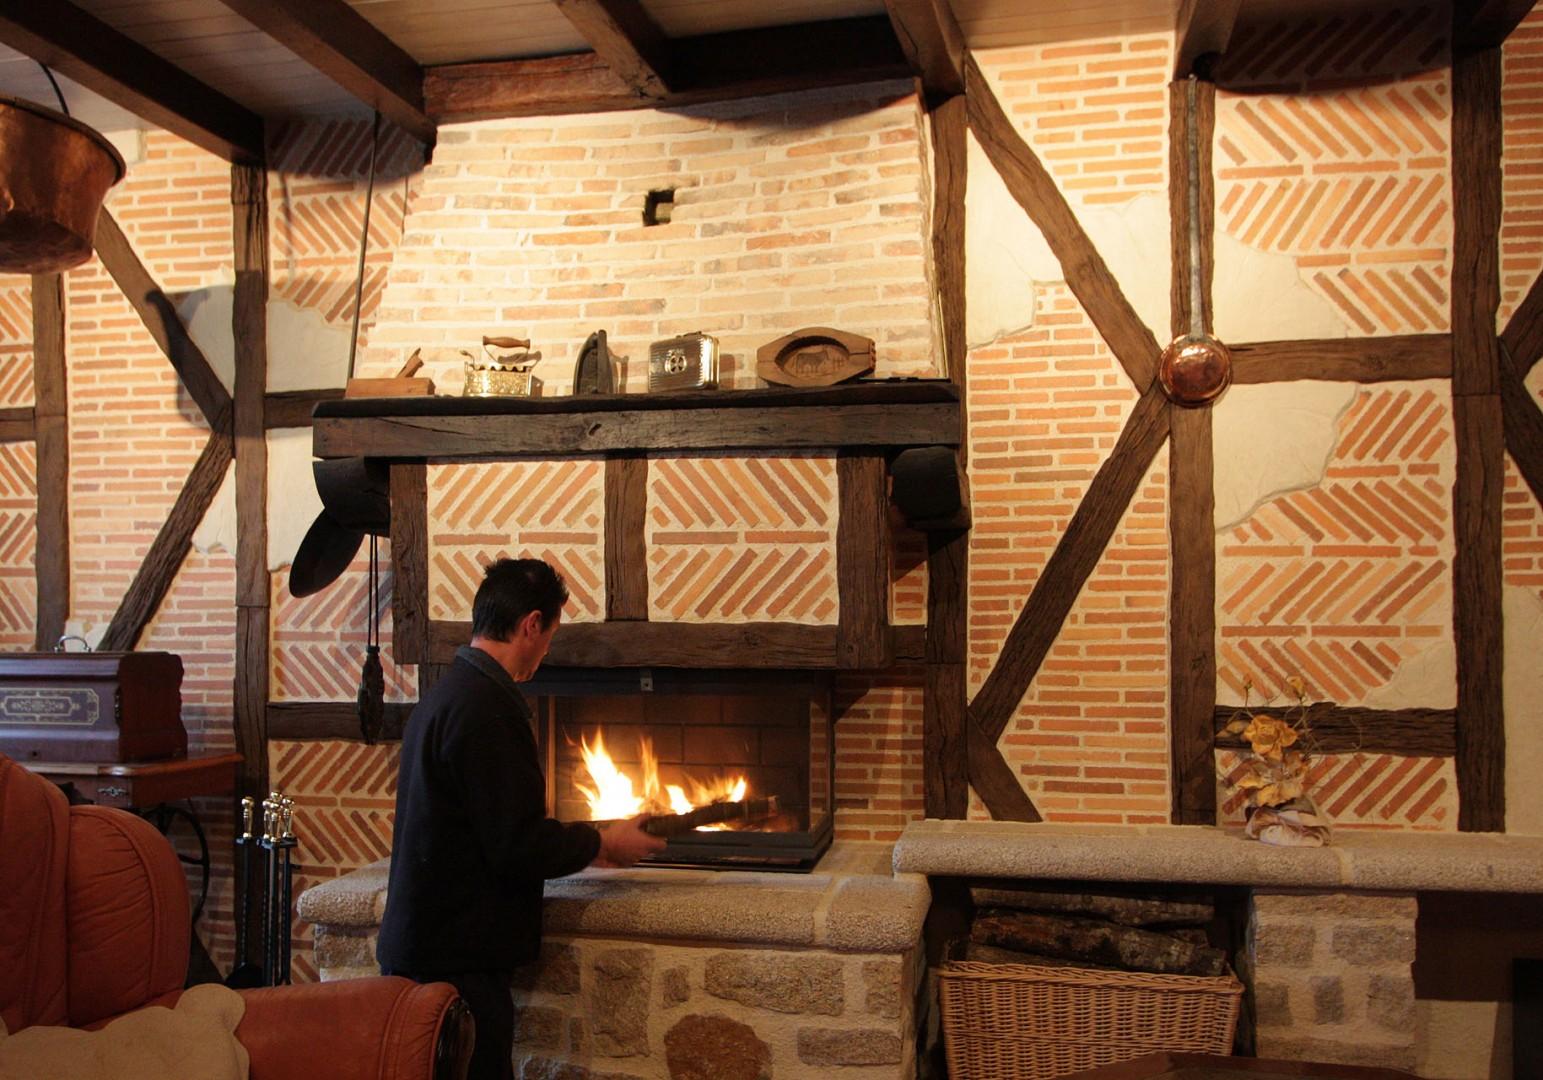 peinture pour pierre poreuse de chemine peinture faade peinture souple peinture chemine. Black Bedroom Furniture Sets. Home Design Ideas